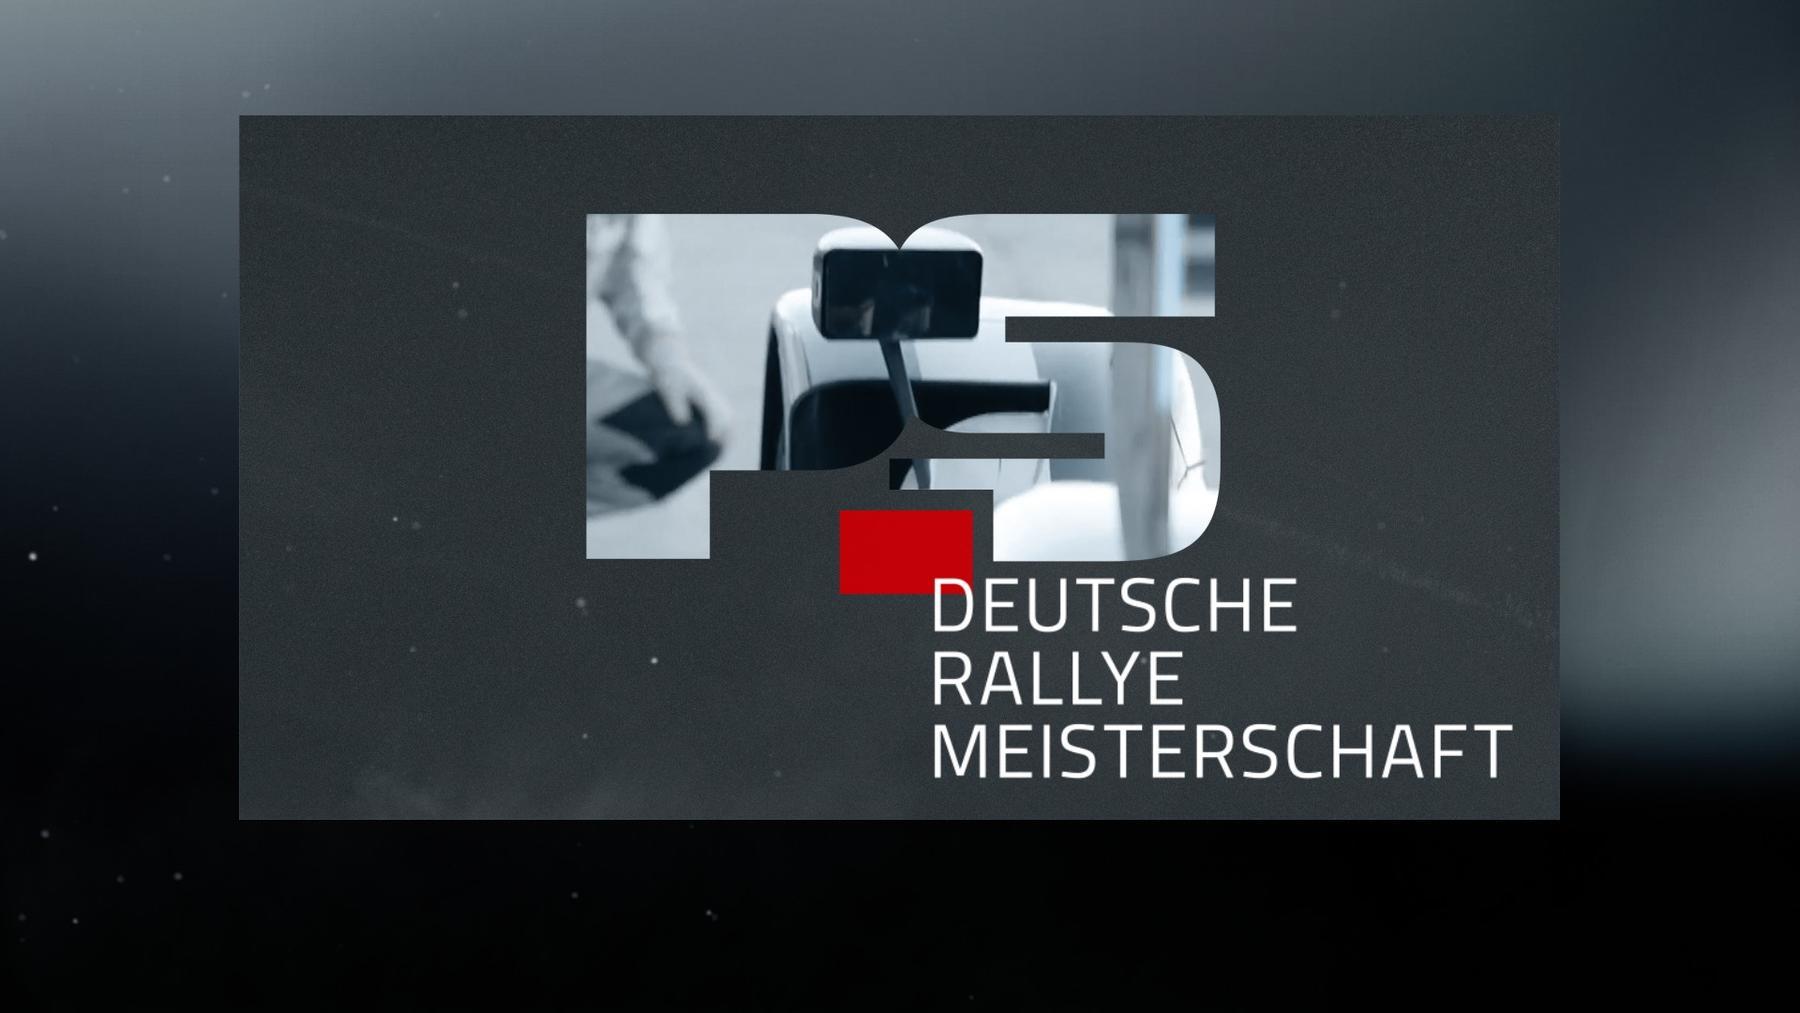 PS - DRM - Deutsche Rallye Meisterschaft: ADAC Rallye Stemweder Berg, Lübbecke